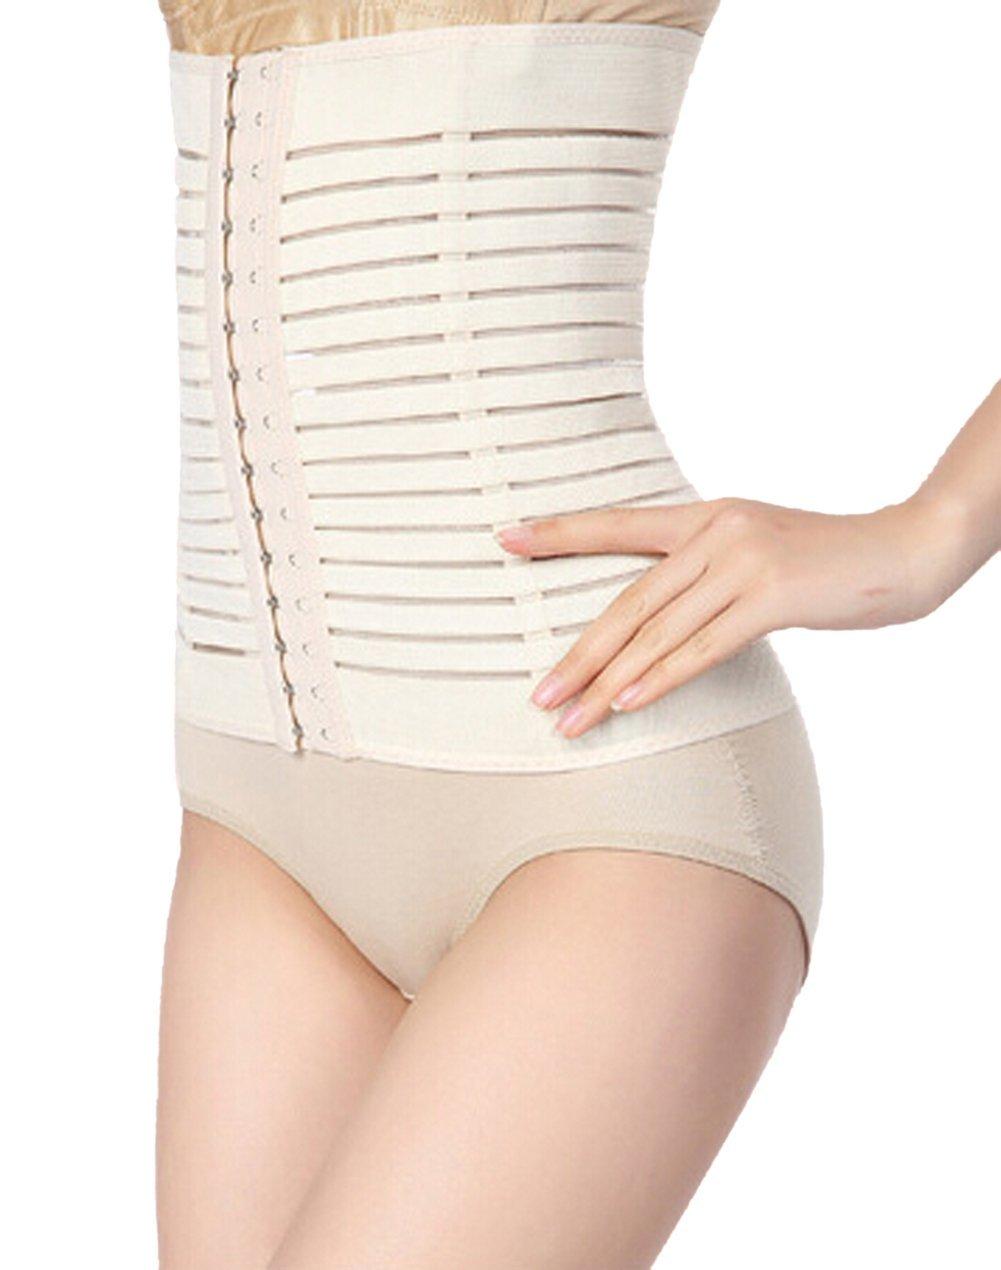 fc3ef85f4c14f ieasysexy Hot Postpartum Tummy Waist Slimming Belt Abdomen Belt Waist Belt  Great for Puerperal Burning Fat